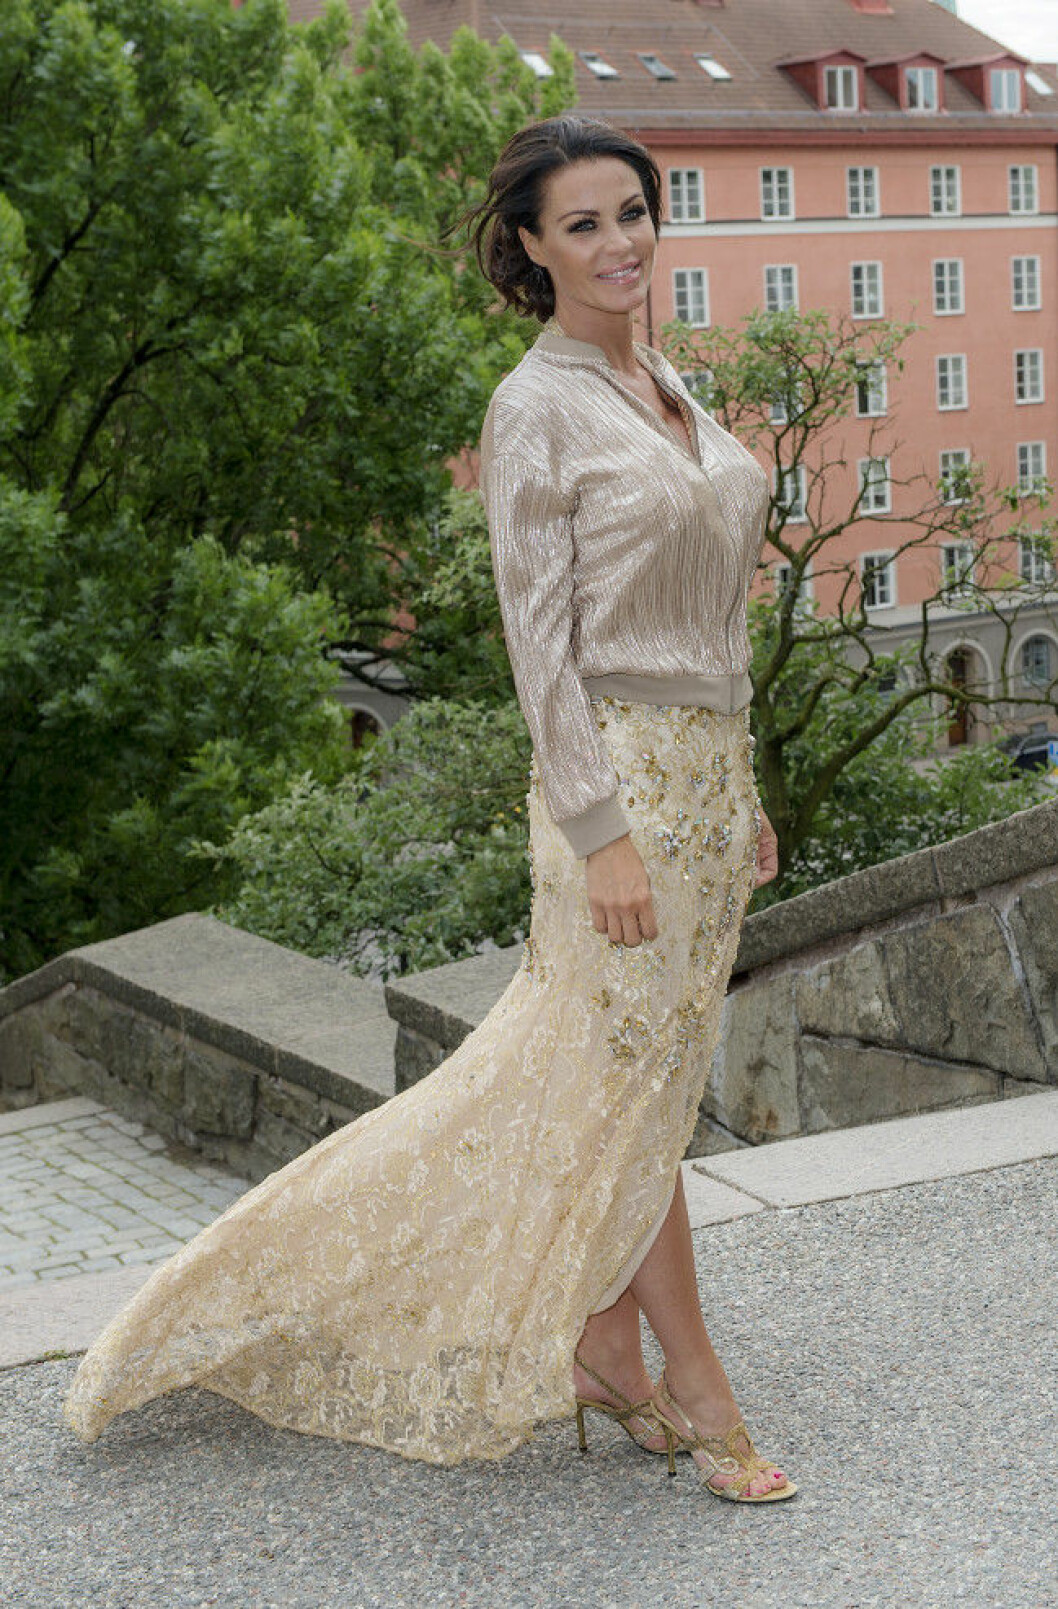 Linda Thelenius Bobby Oduncus och Jimi Bennets bröllop på Engelbrektskyrkan, Stockholm 16-07-02 Foto ©Eero Hannukainen EEROBILD AB IBL *** Local Caption *** 06586445